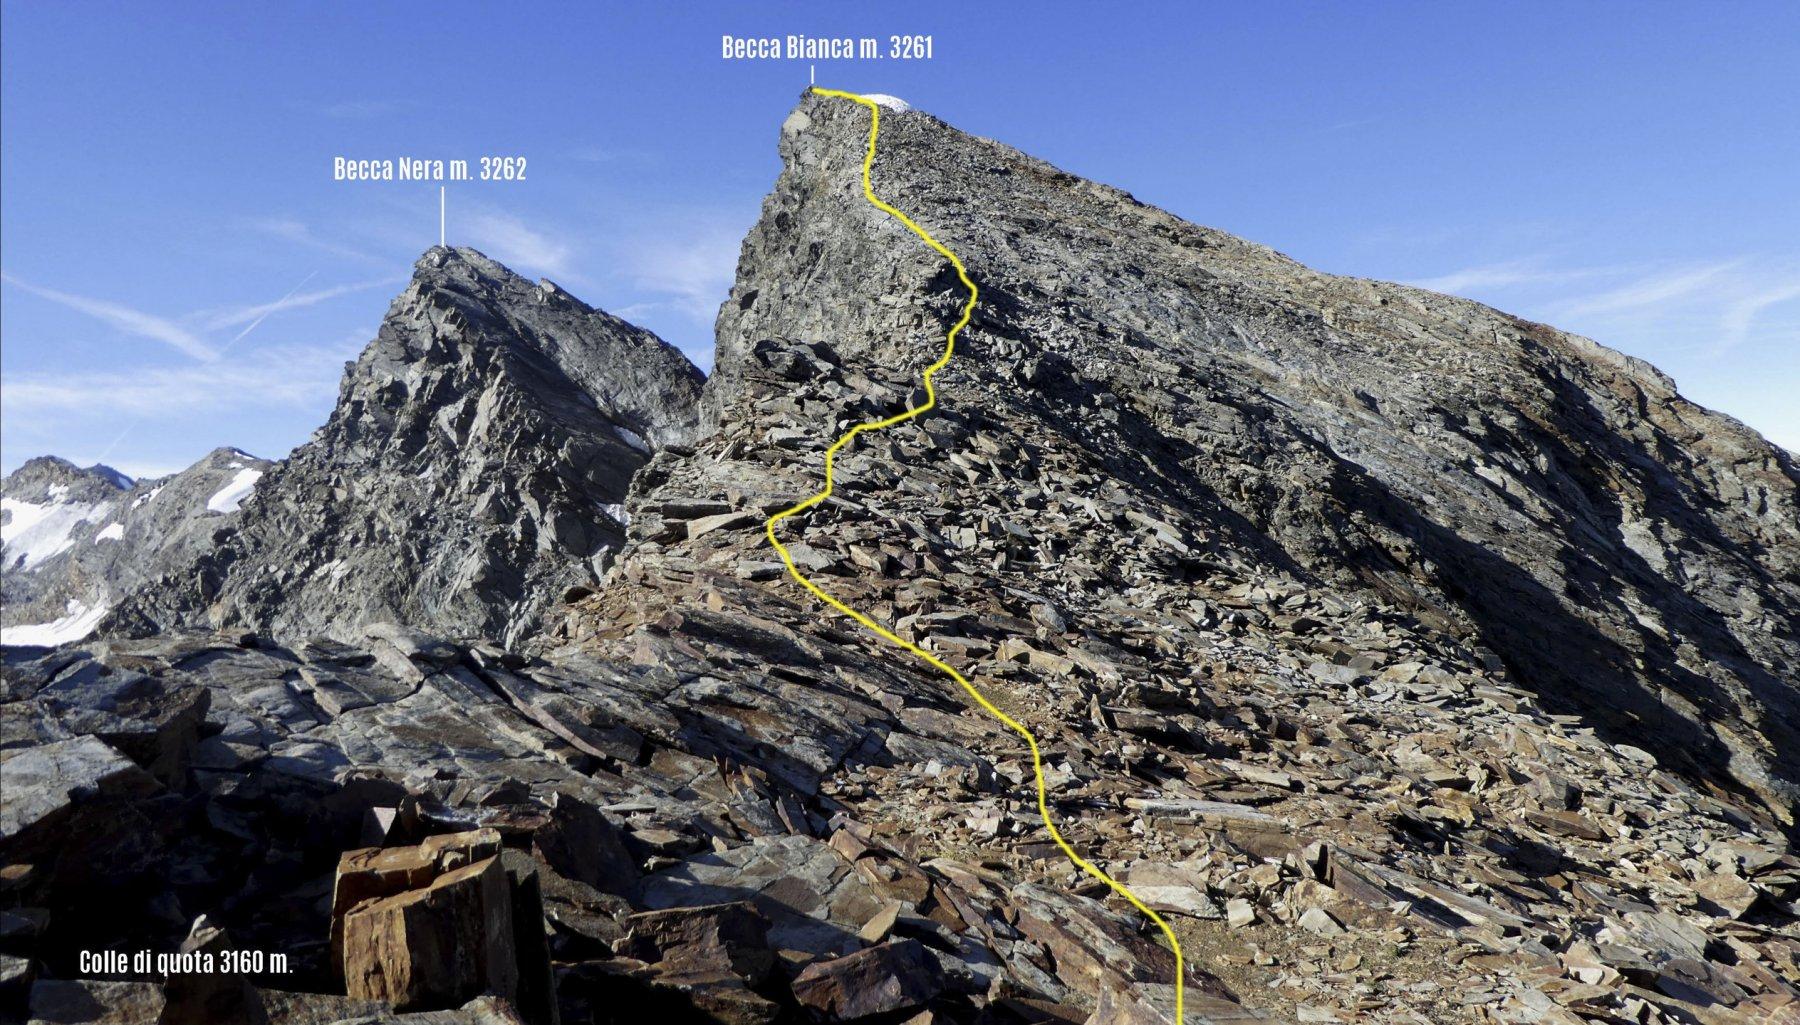 parte finale del nostro itinerario di salita visto dal colletto di quota 3160 m.